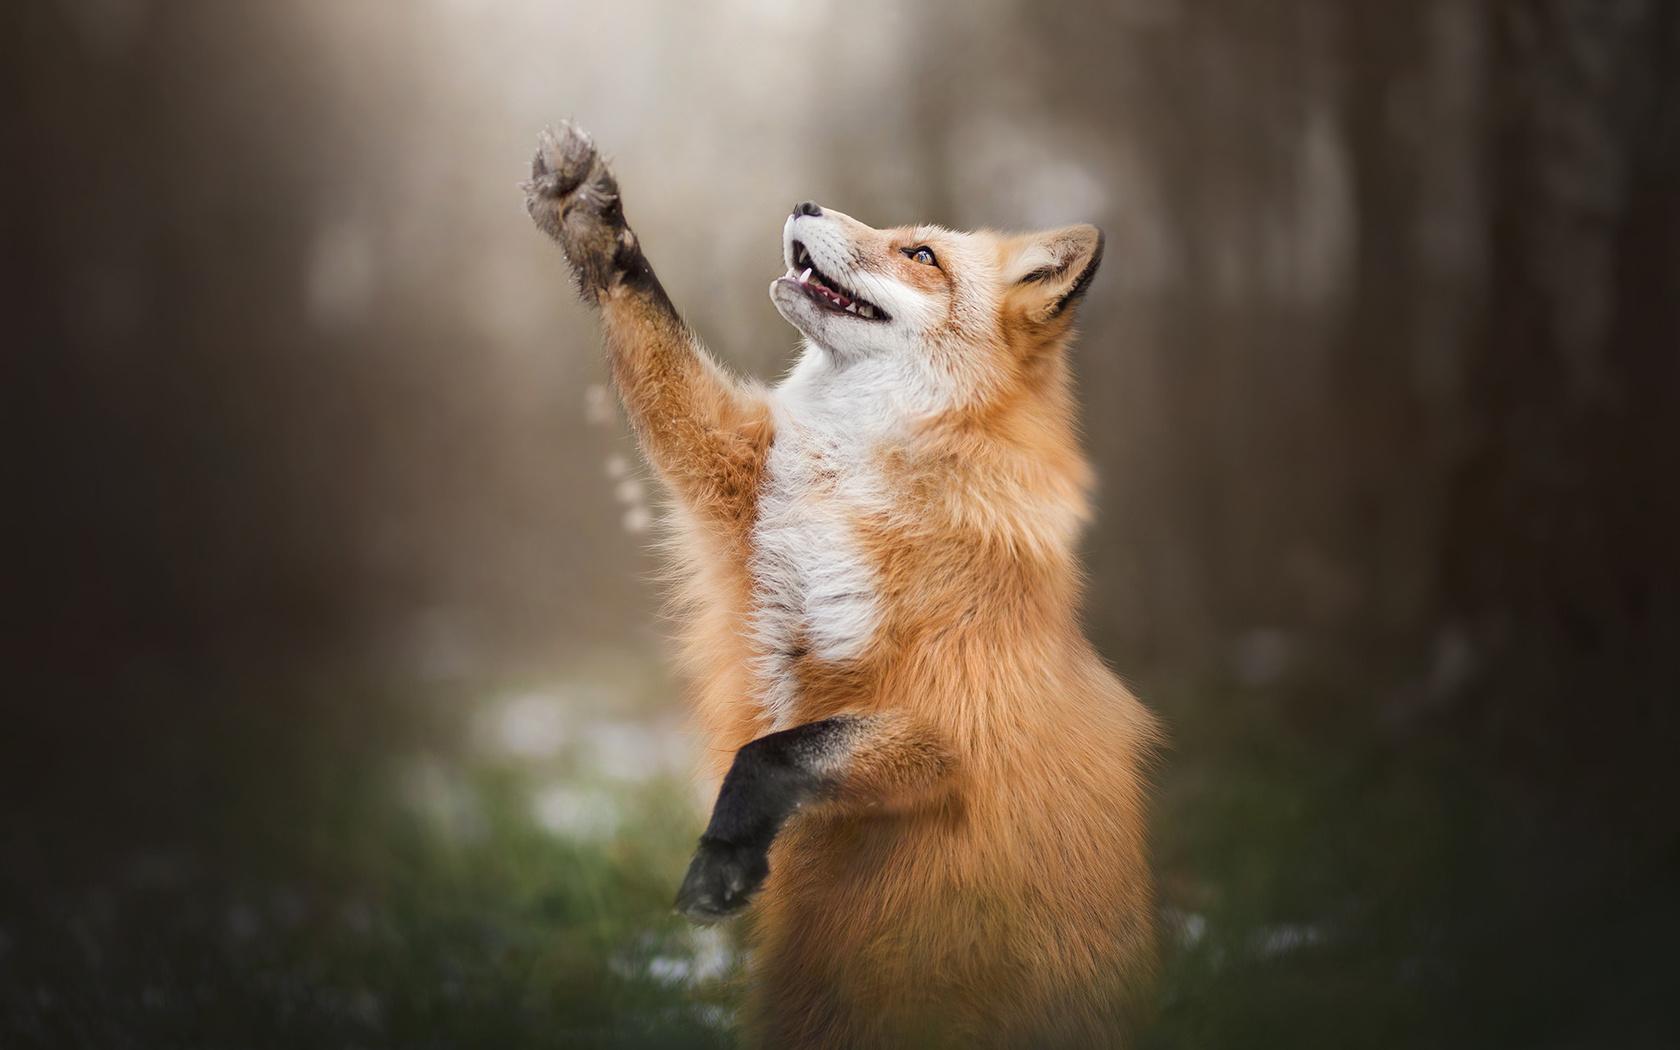 alicja zmyslowska, животное, лиса, лисица, лапа, природа, лес, макро